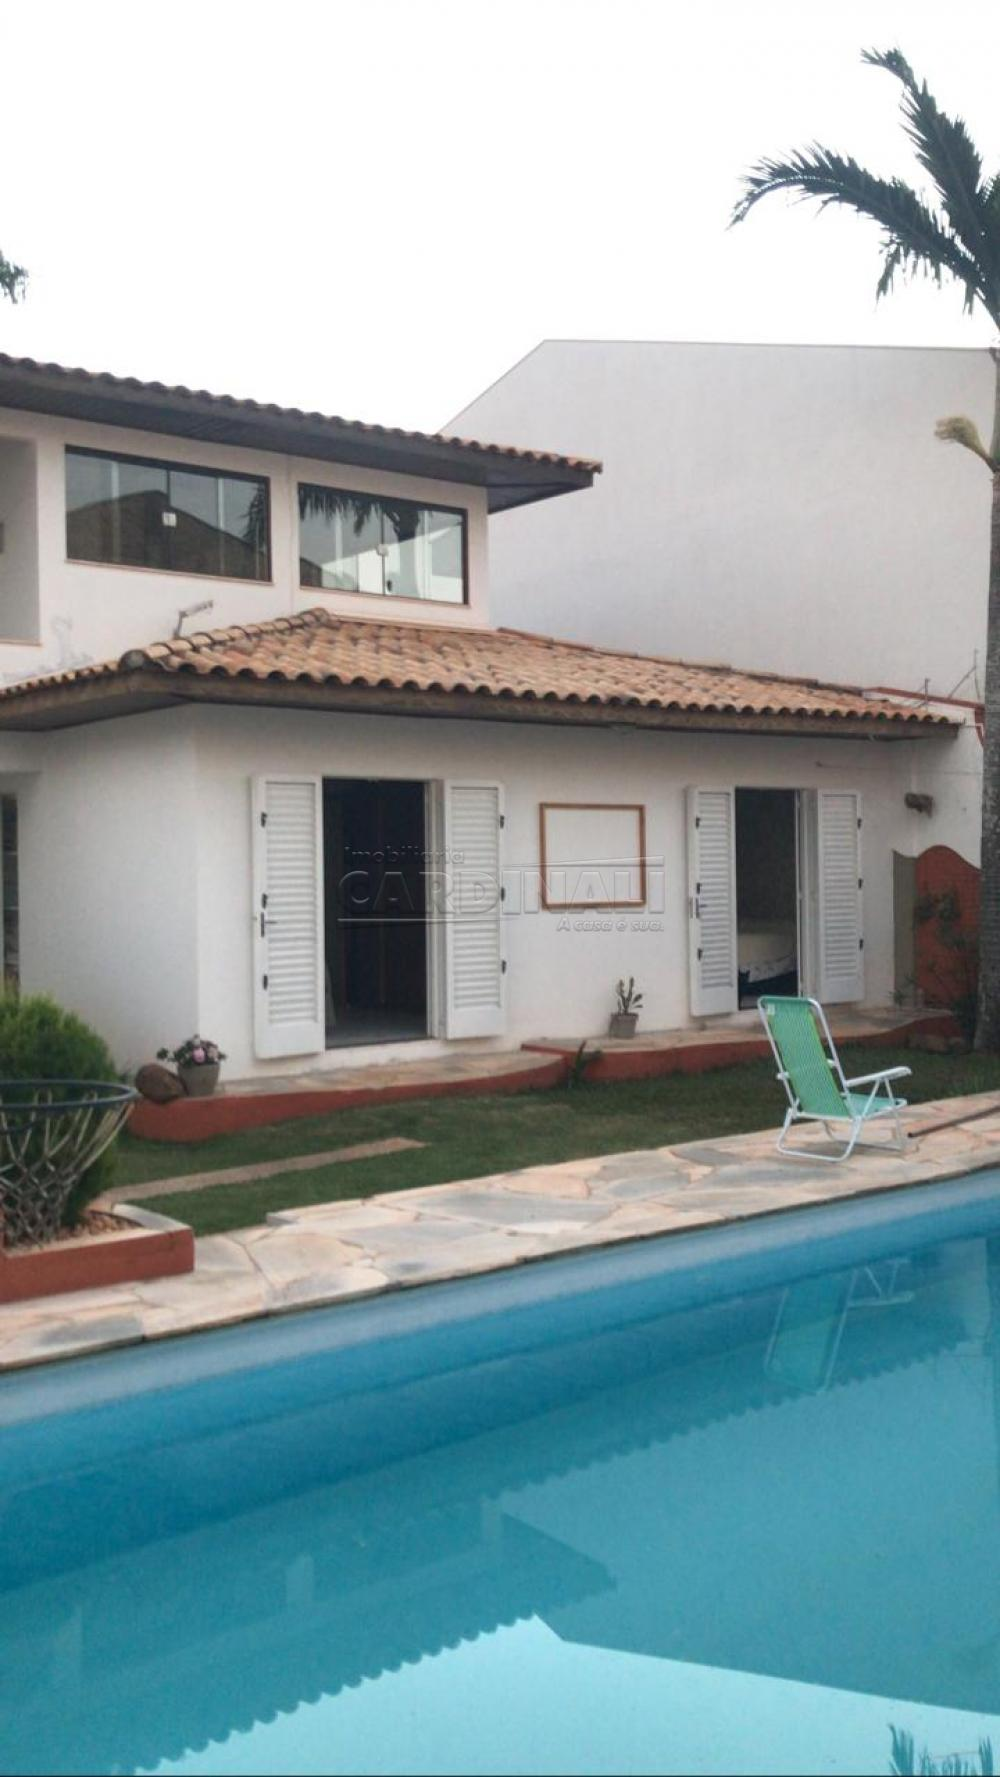 Comprar Casa / Padrão em Araraquara R$ 900.000,00 - Foto 2